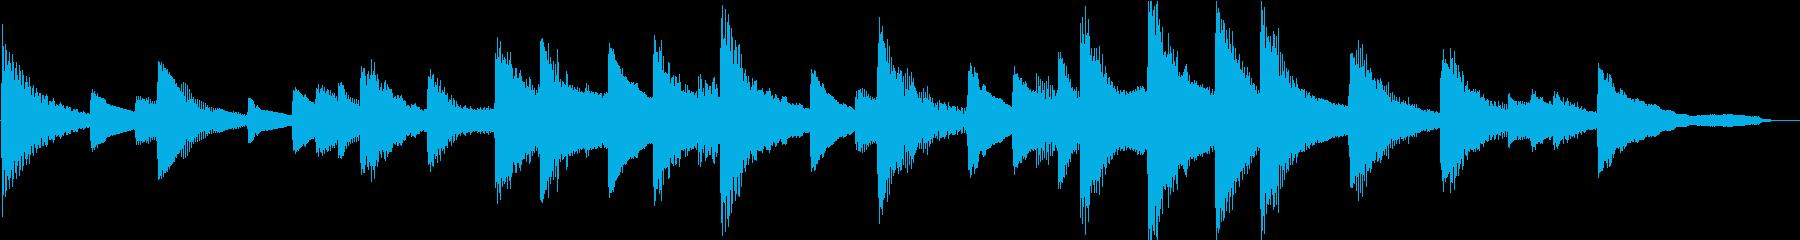 【感動的】30秒ピアノソロの再生済みの波形